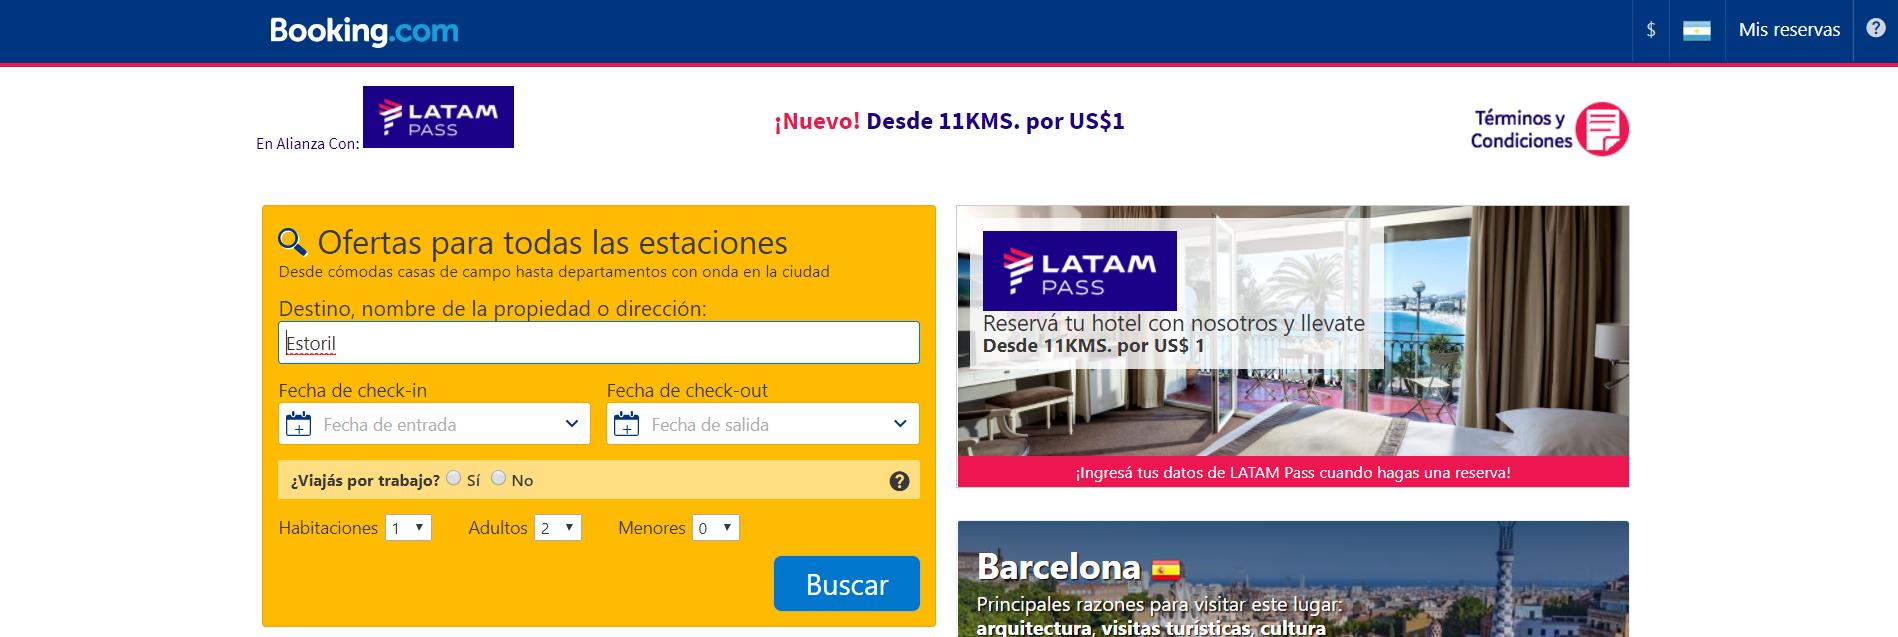 booking - Acumular Millas y Kms con Booking.com - Todas las aerolineas de la promo